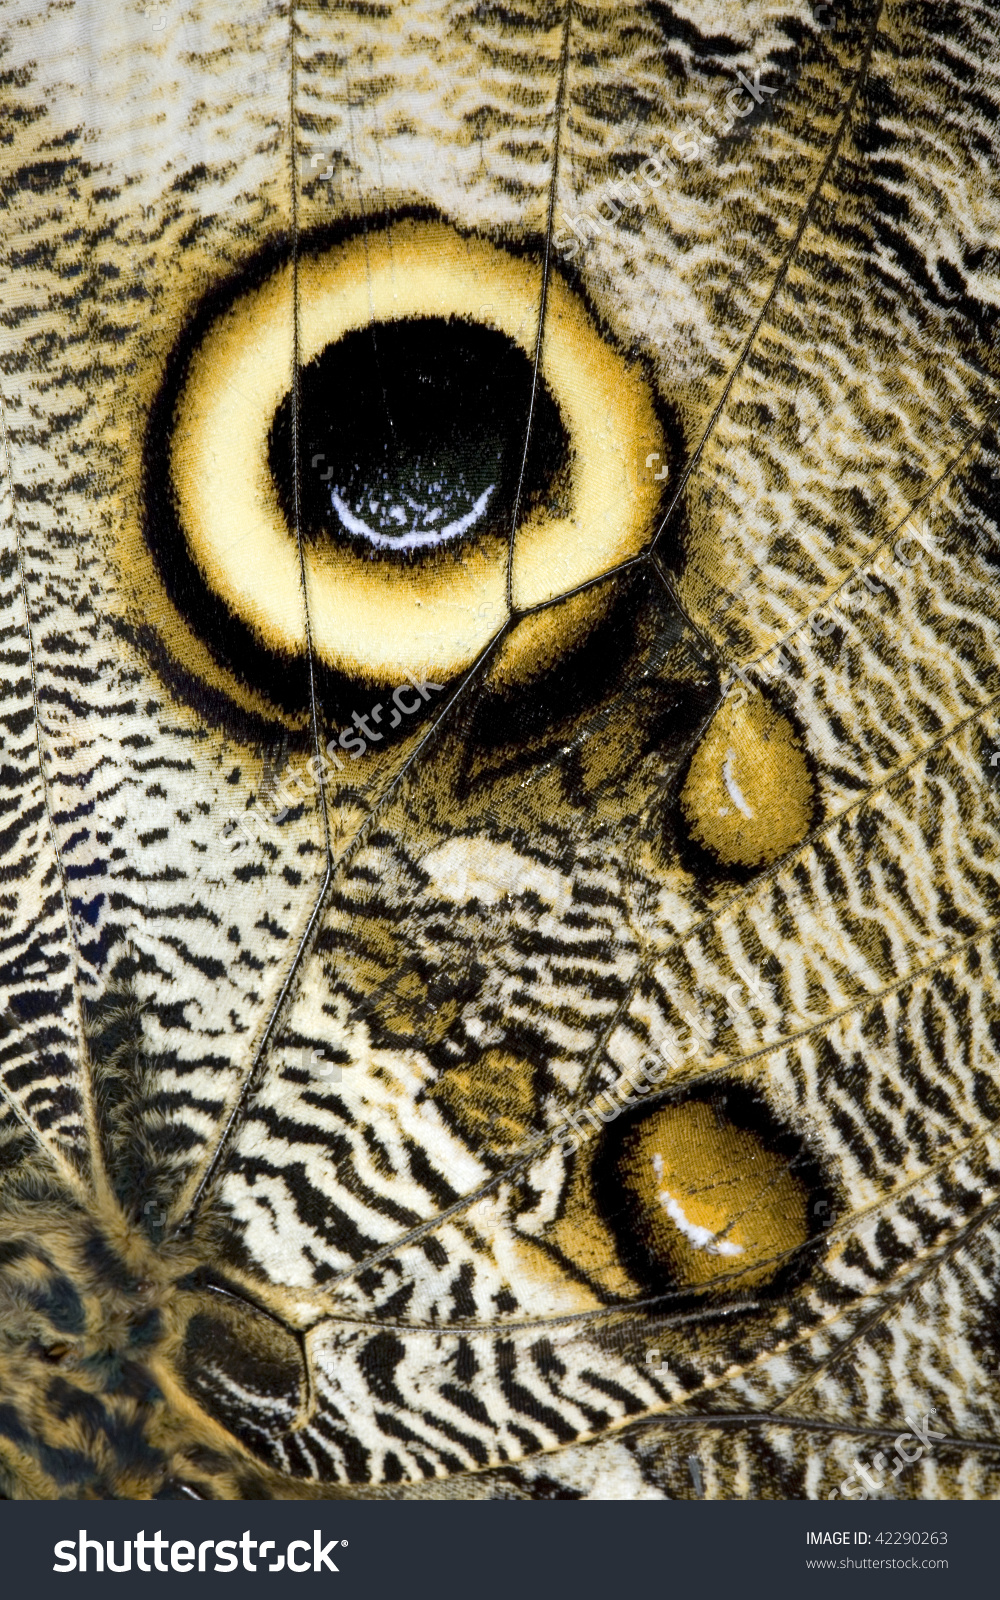 Eye Spot On The Wing Of An Owl Butterfly (Caligo Eurilochus) Stock.